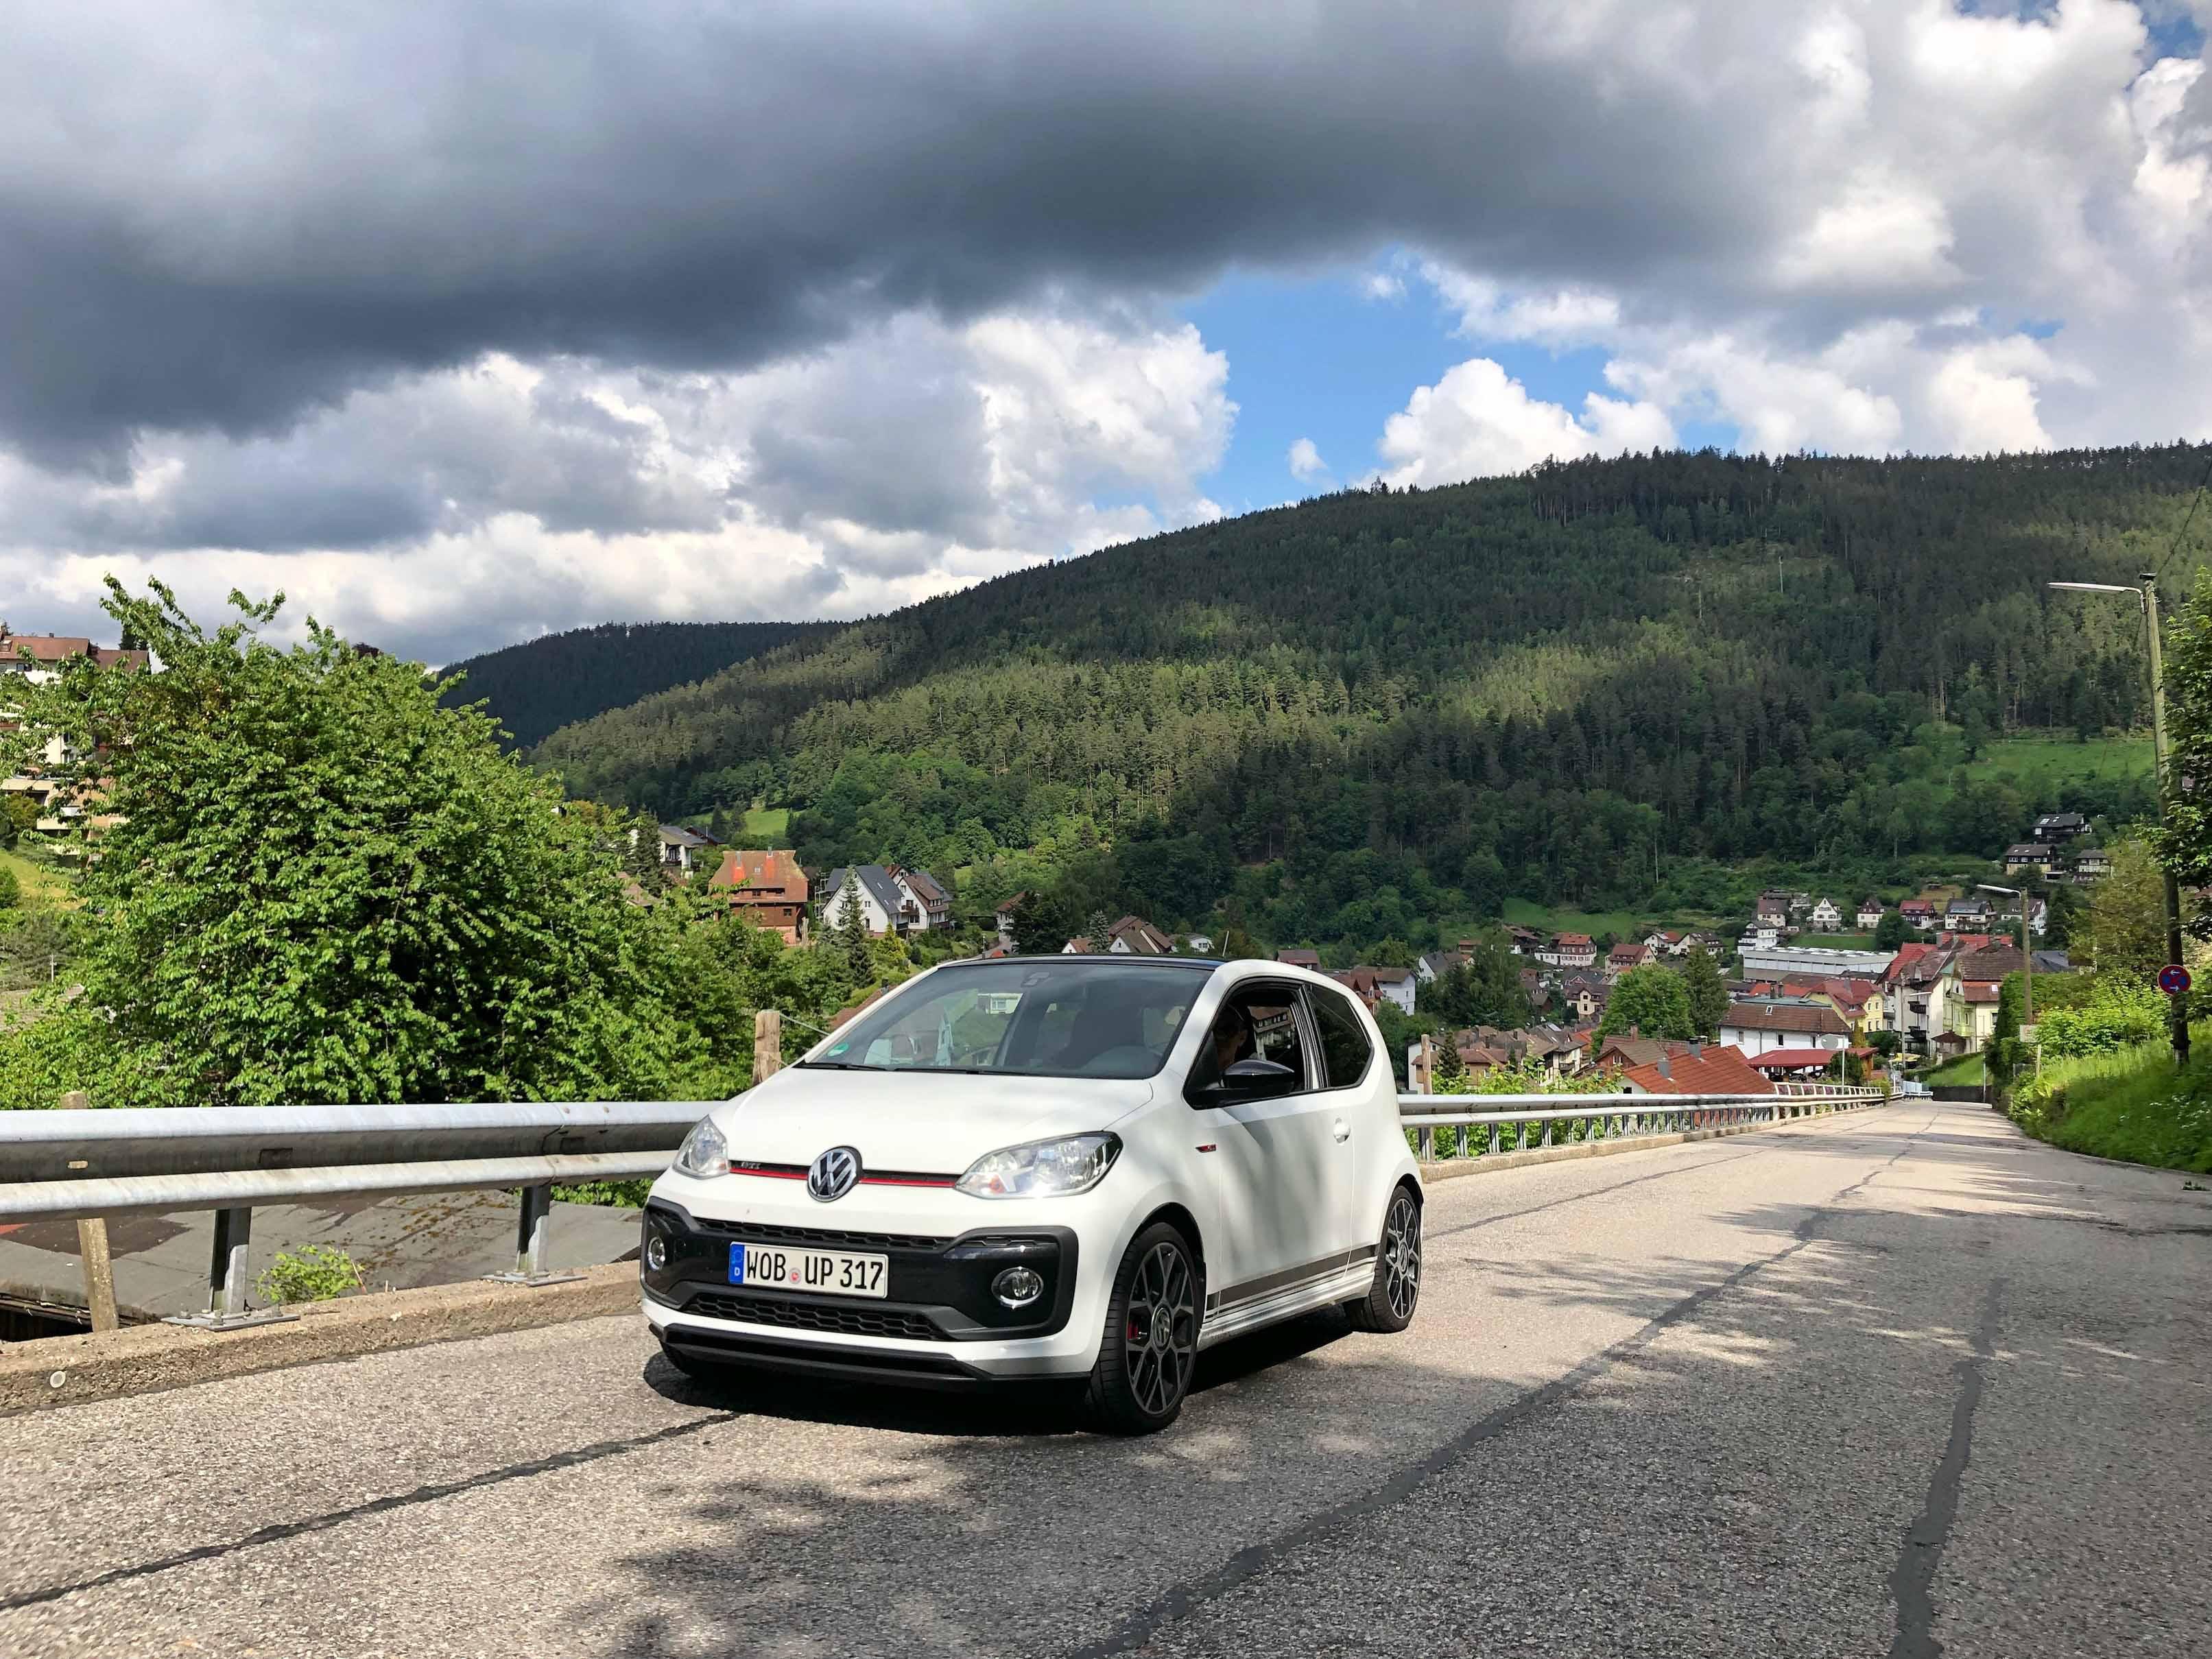 2018 Volkswagen Up! GTI front 3/4